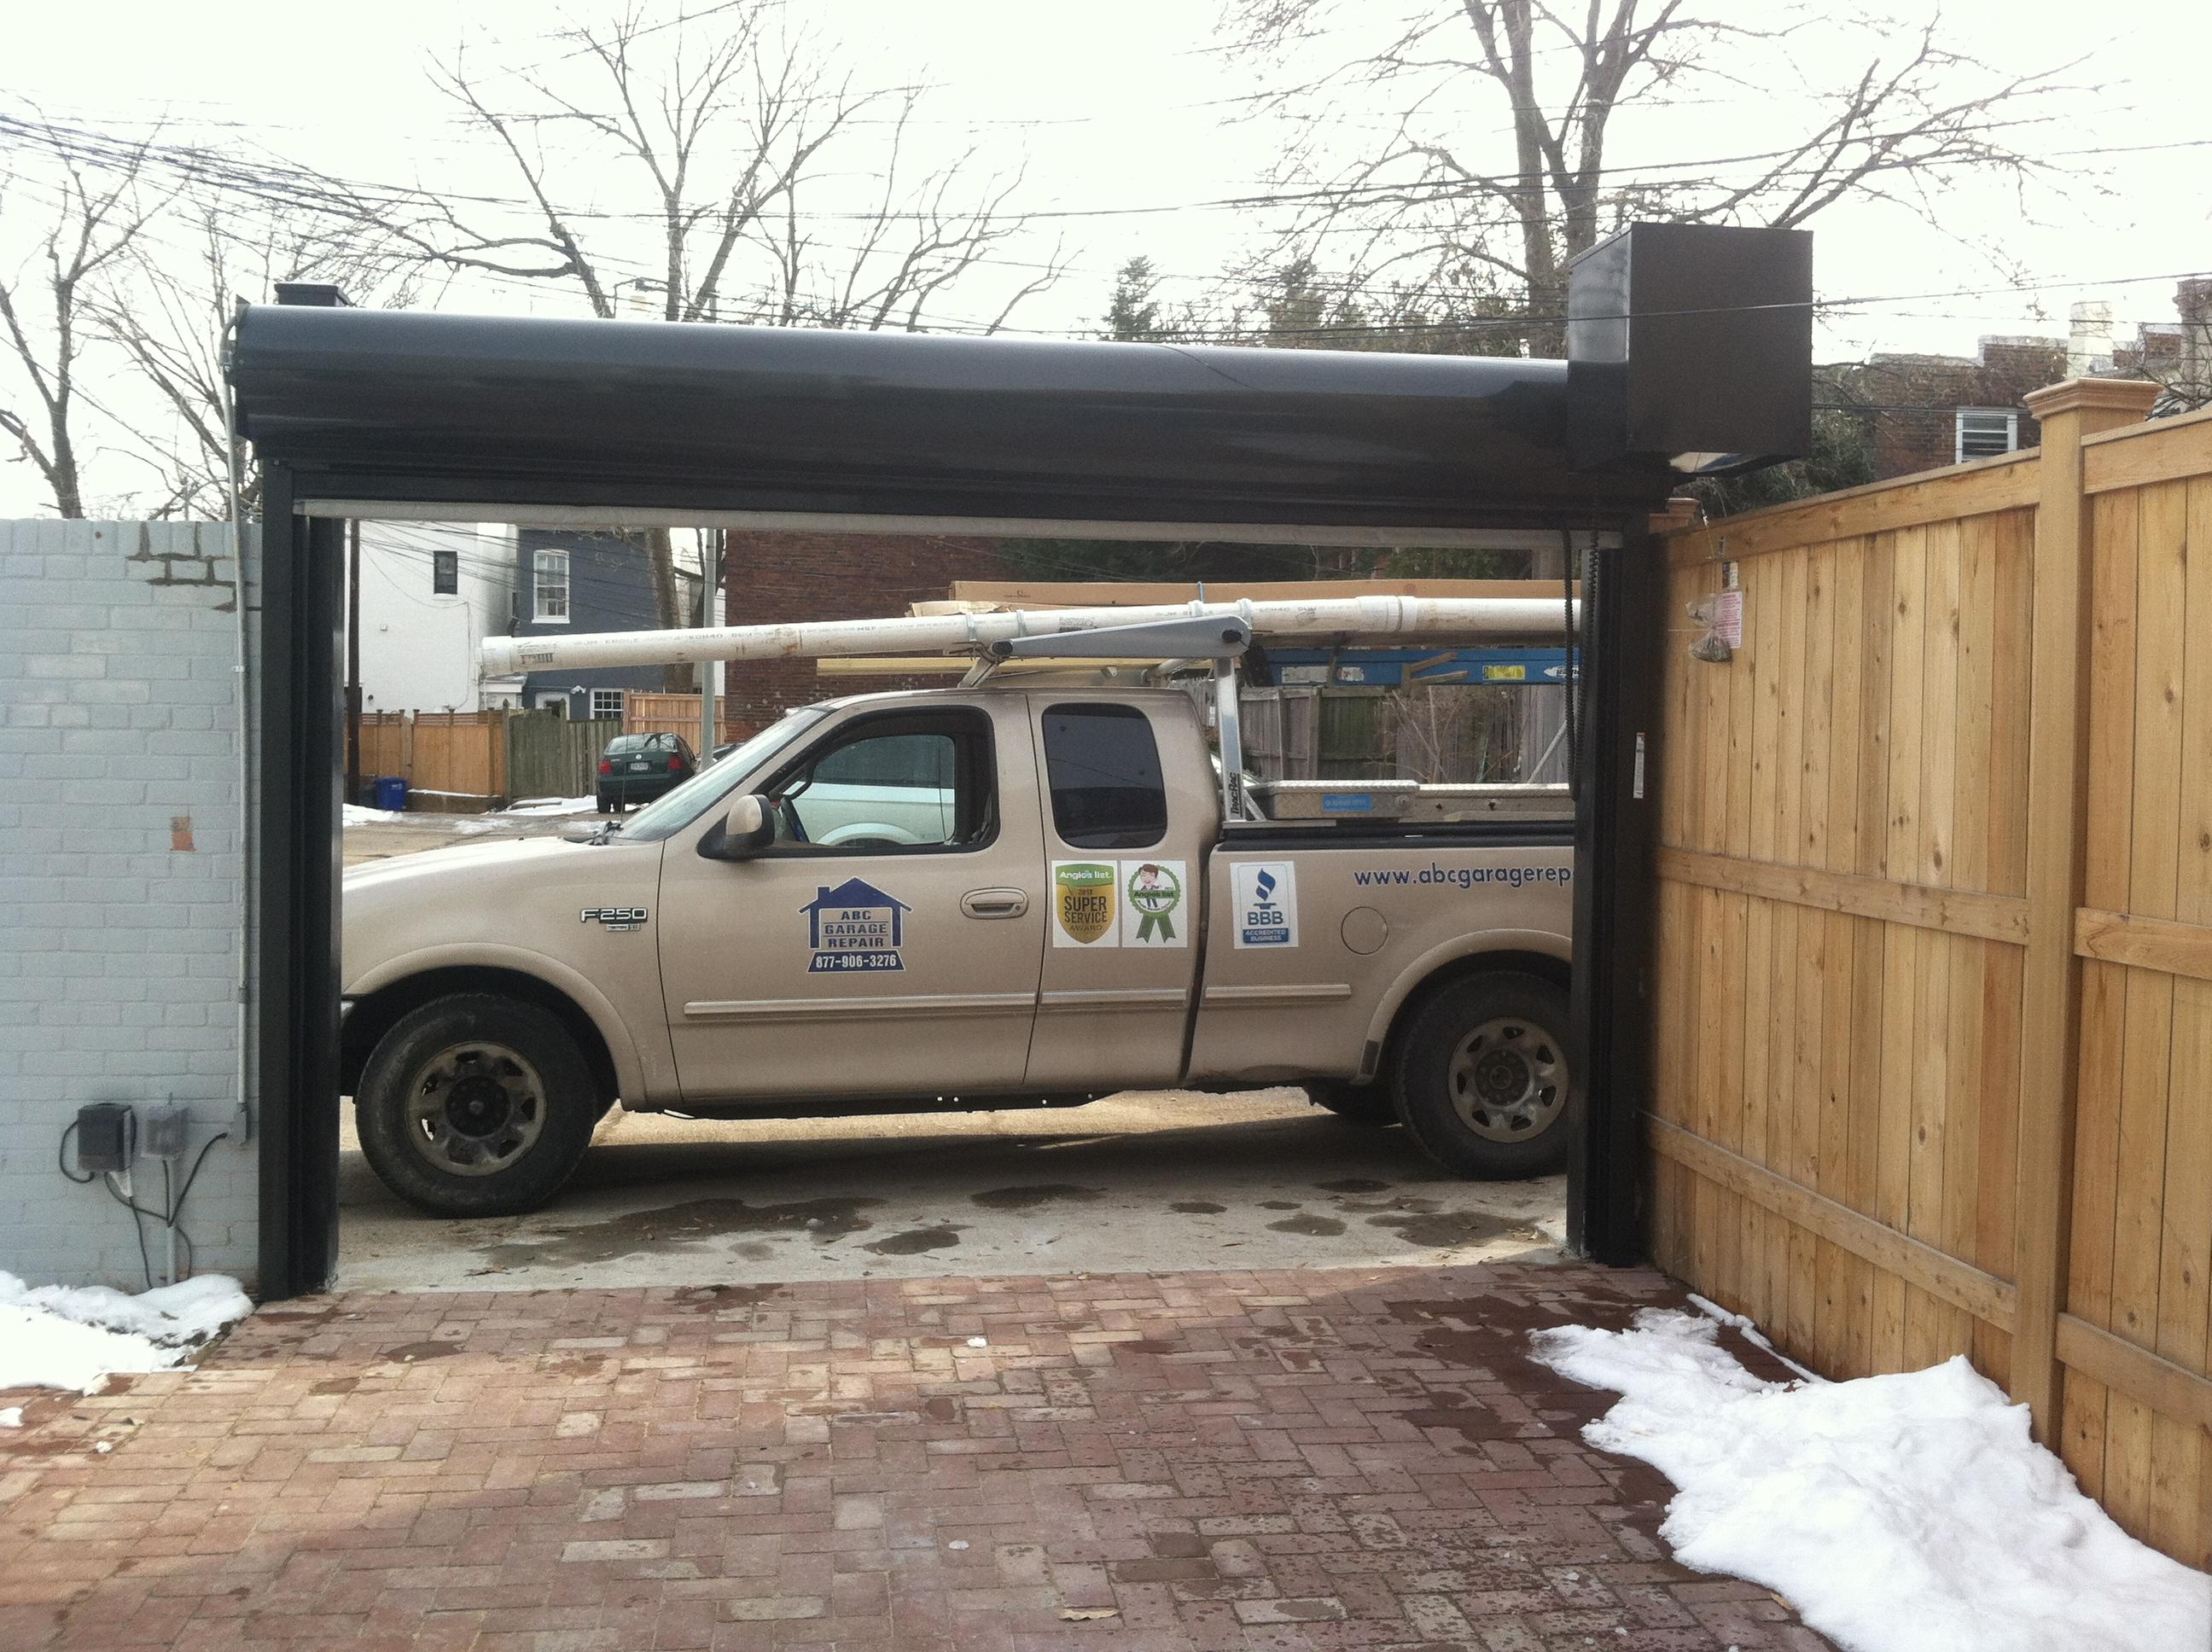 Abc garage door repair coupons rockville md near me 8coupons for Garage door repair close to me